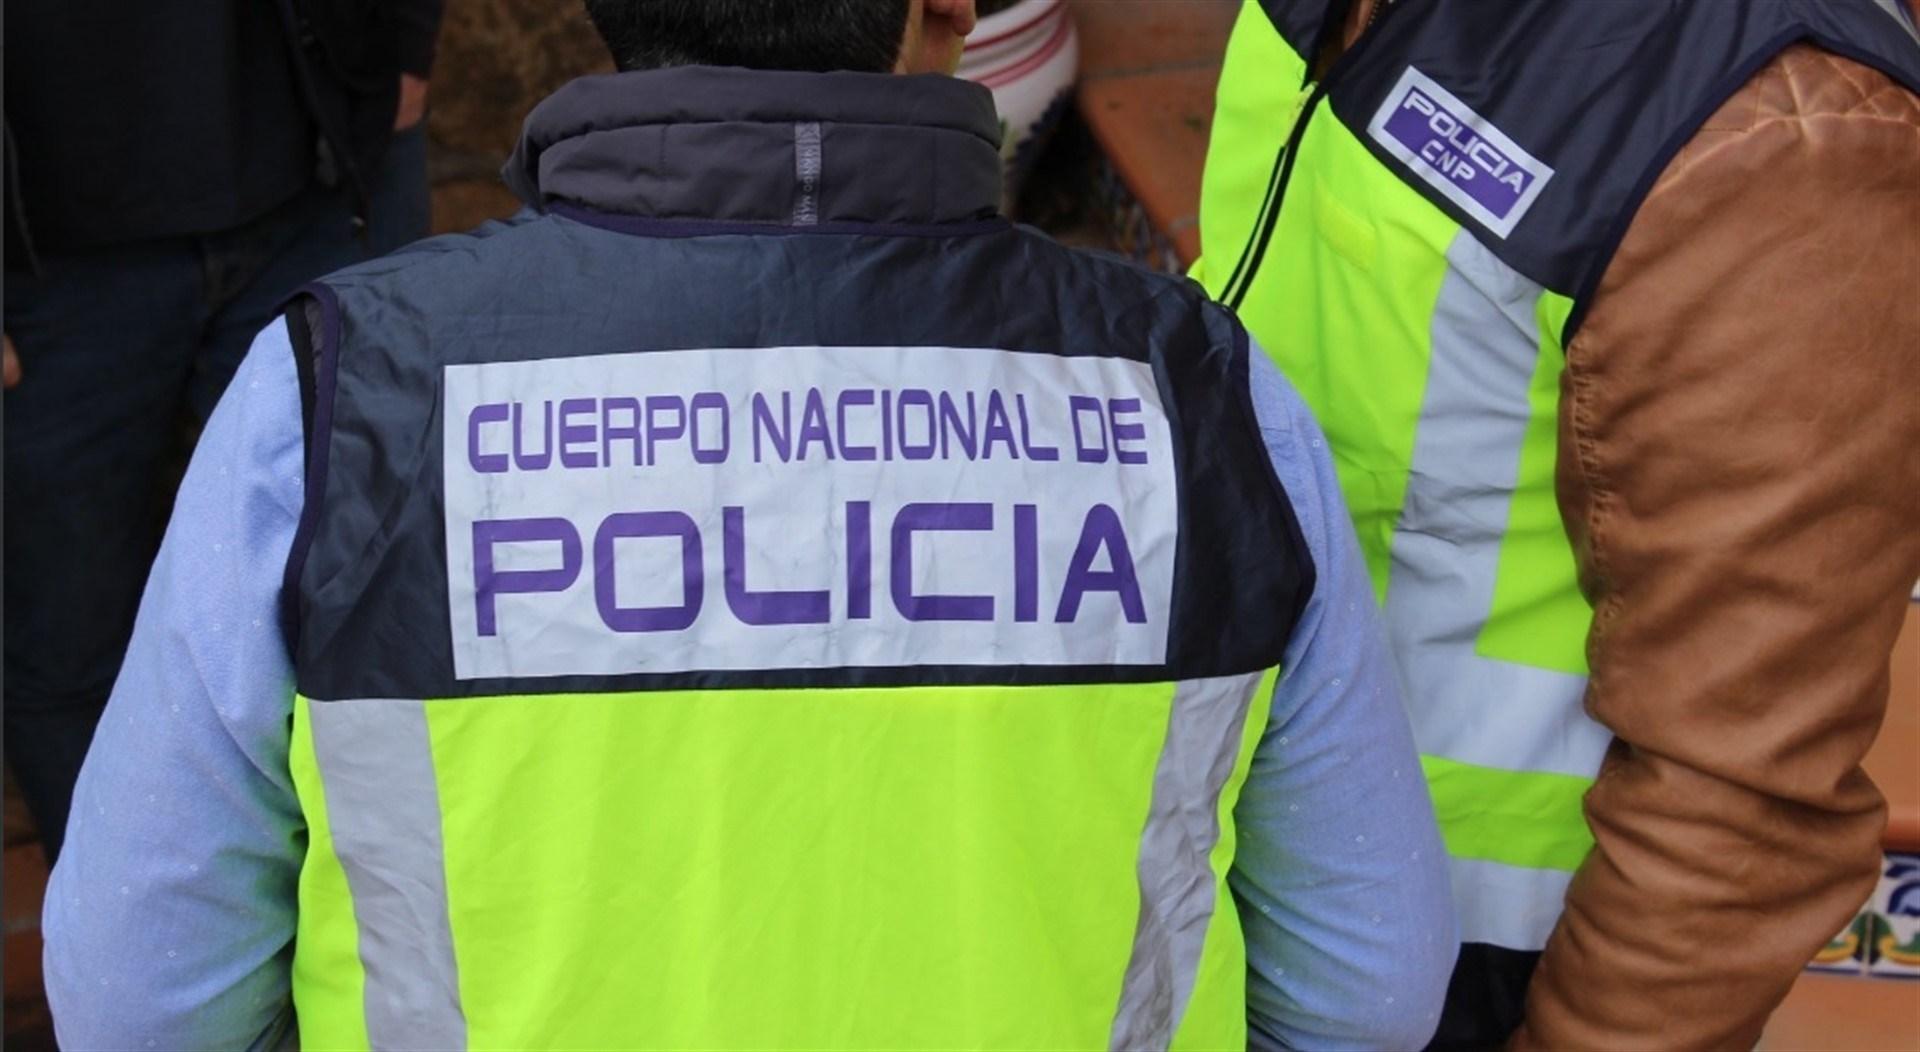 Detenidos cuatro atracadores cuando abandonaban una sucursal bancaria de Parla en la que habían sustraído 6.700 euros